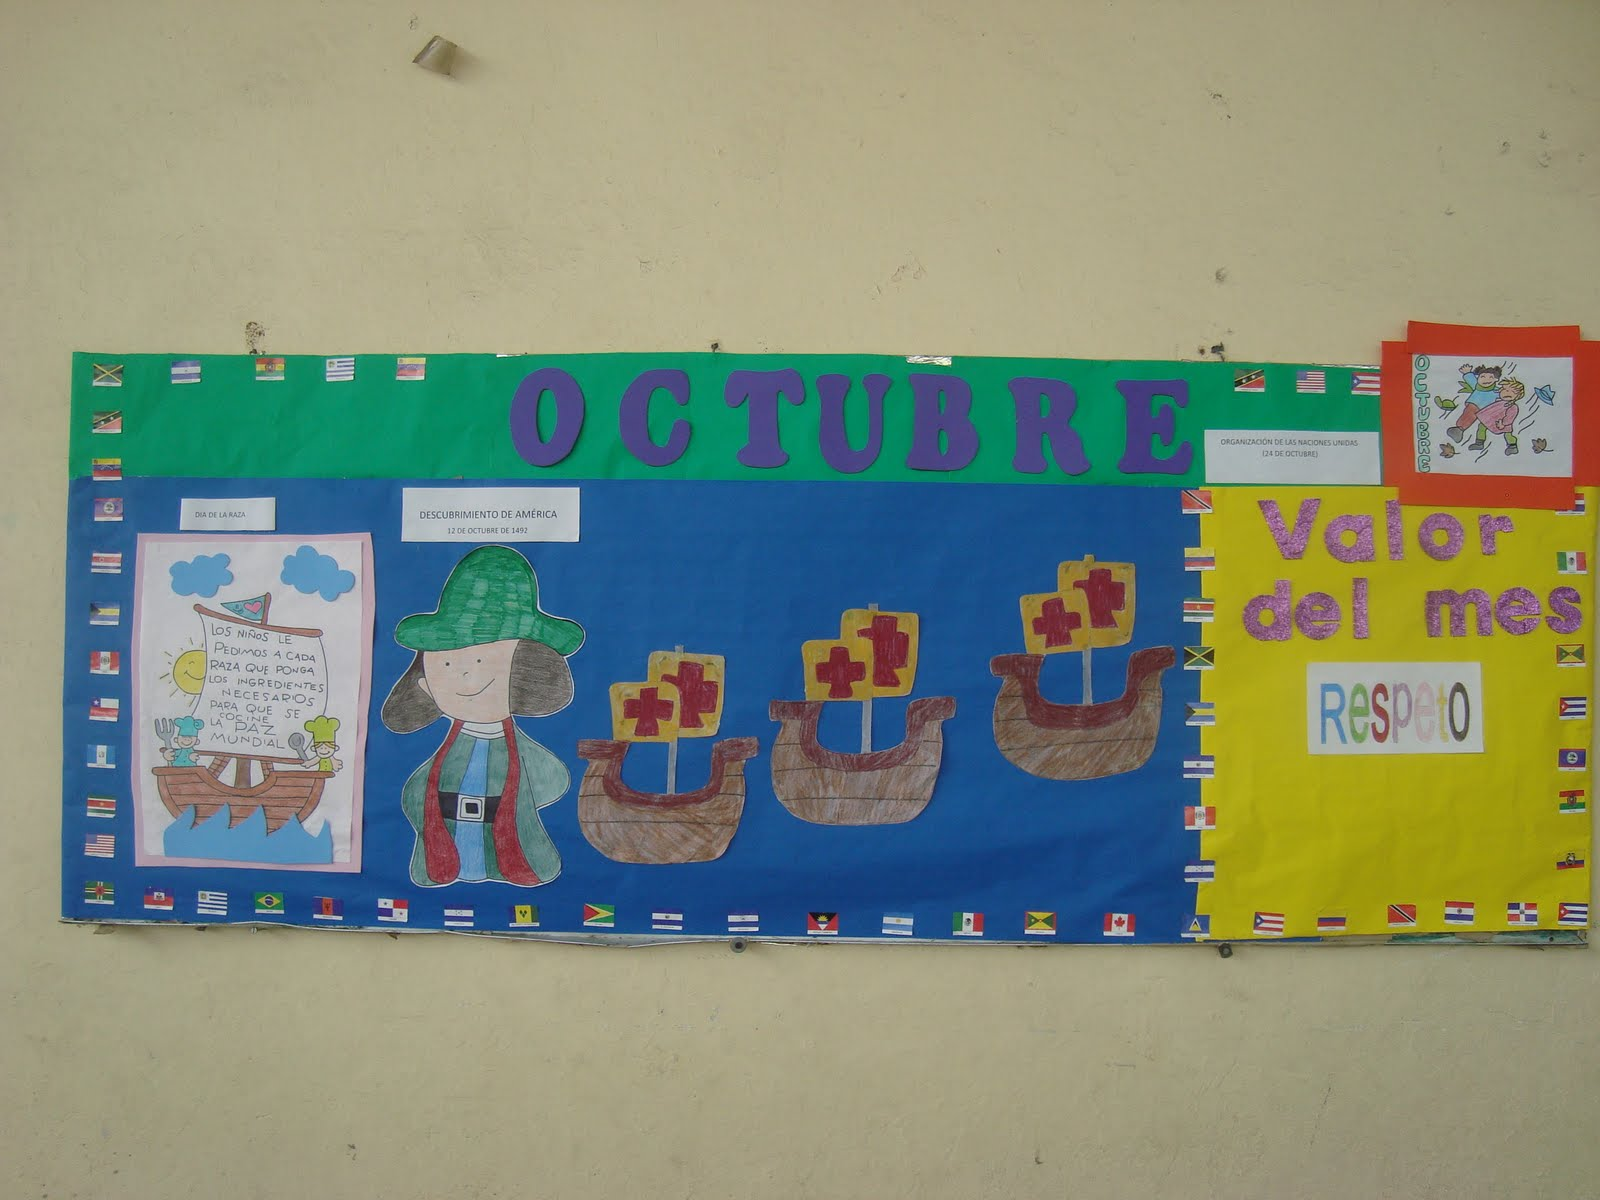 Esc primaria ignacio zaragoza octubre 2010 for El mural aviso de ocasion